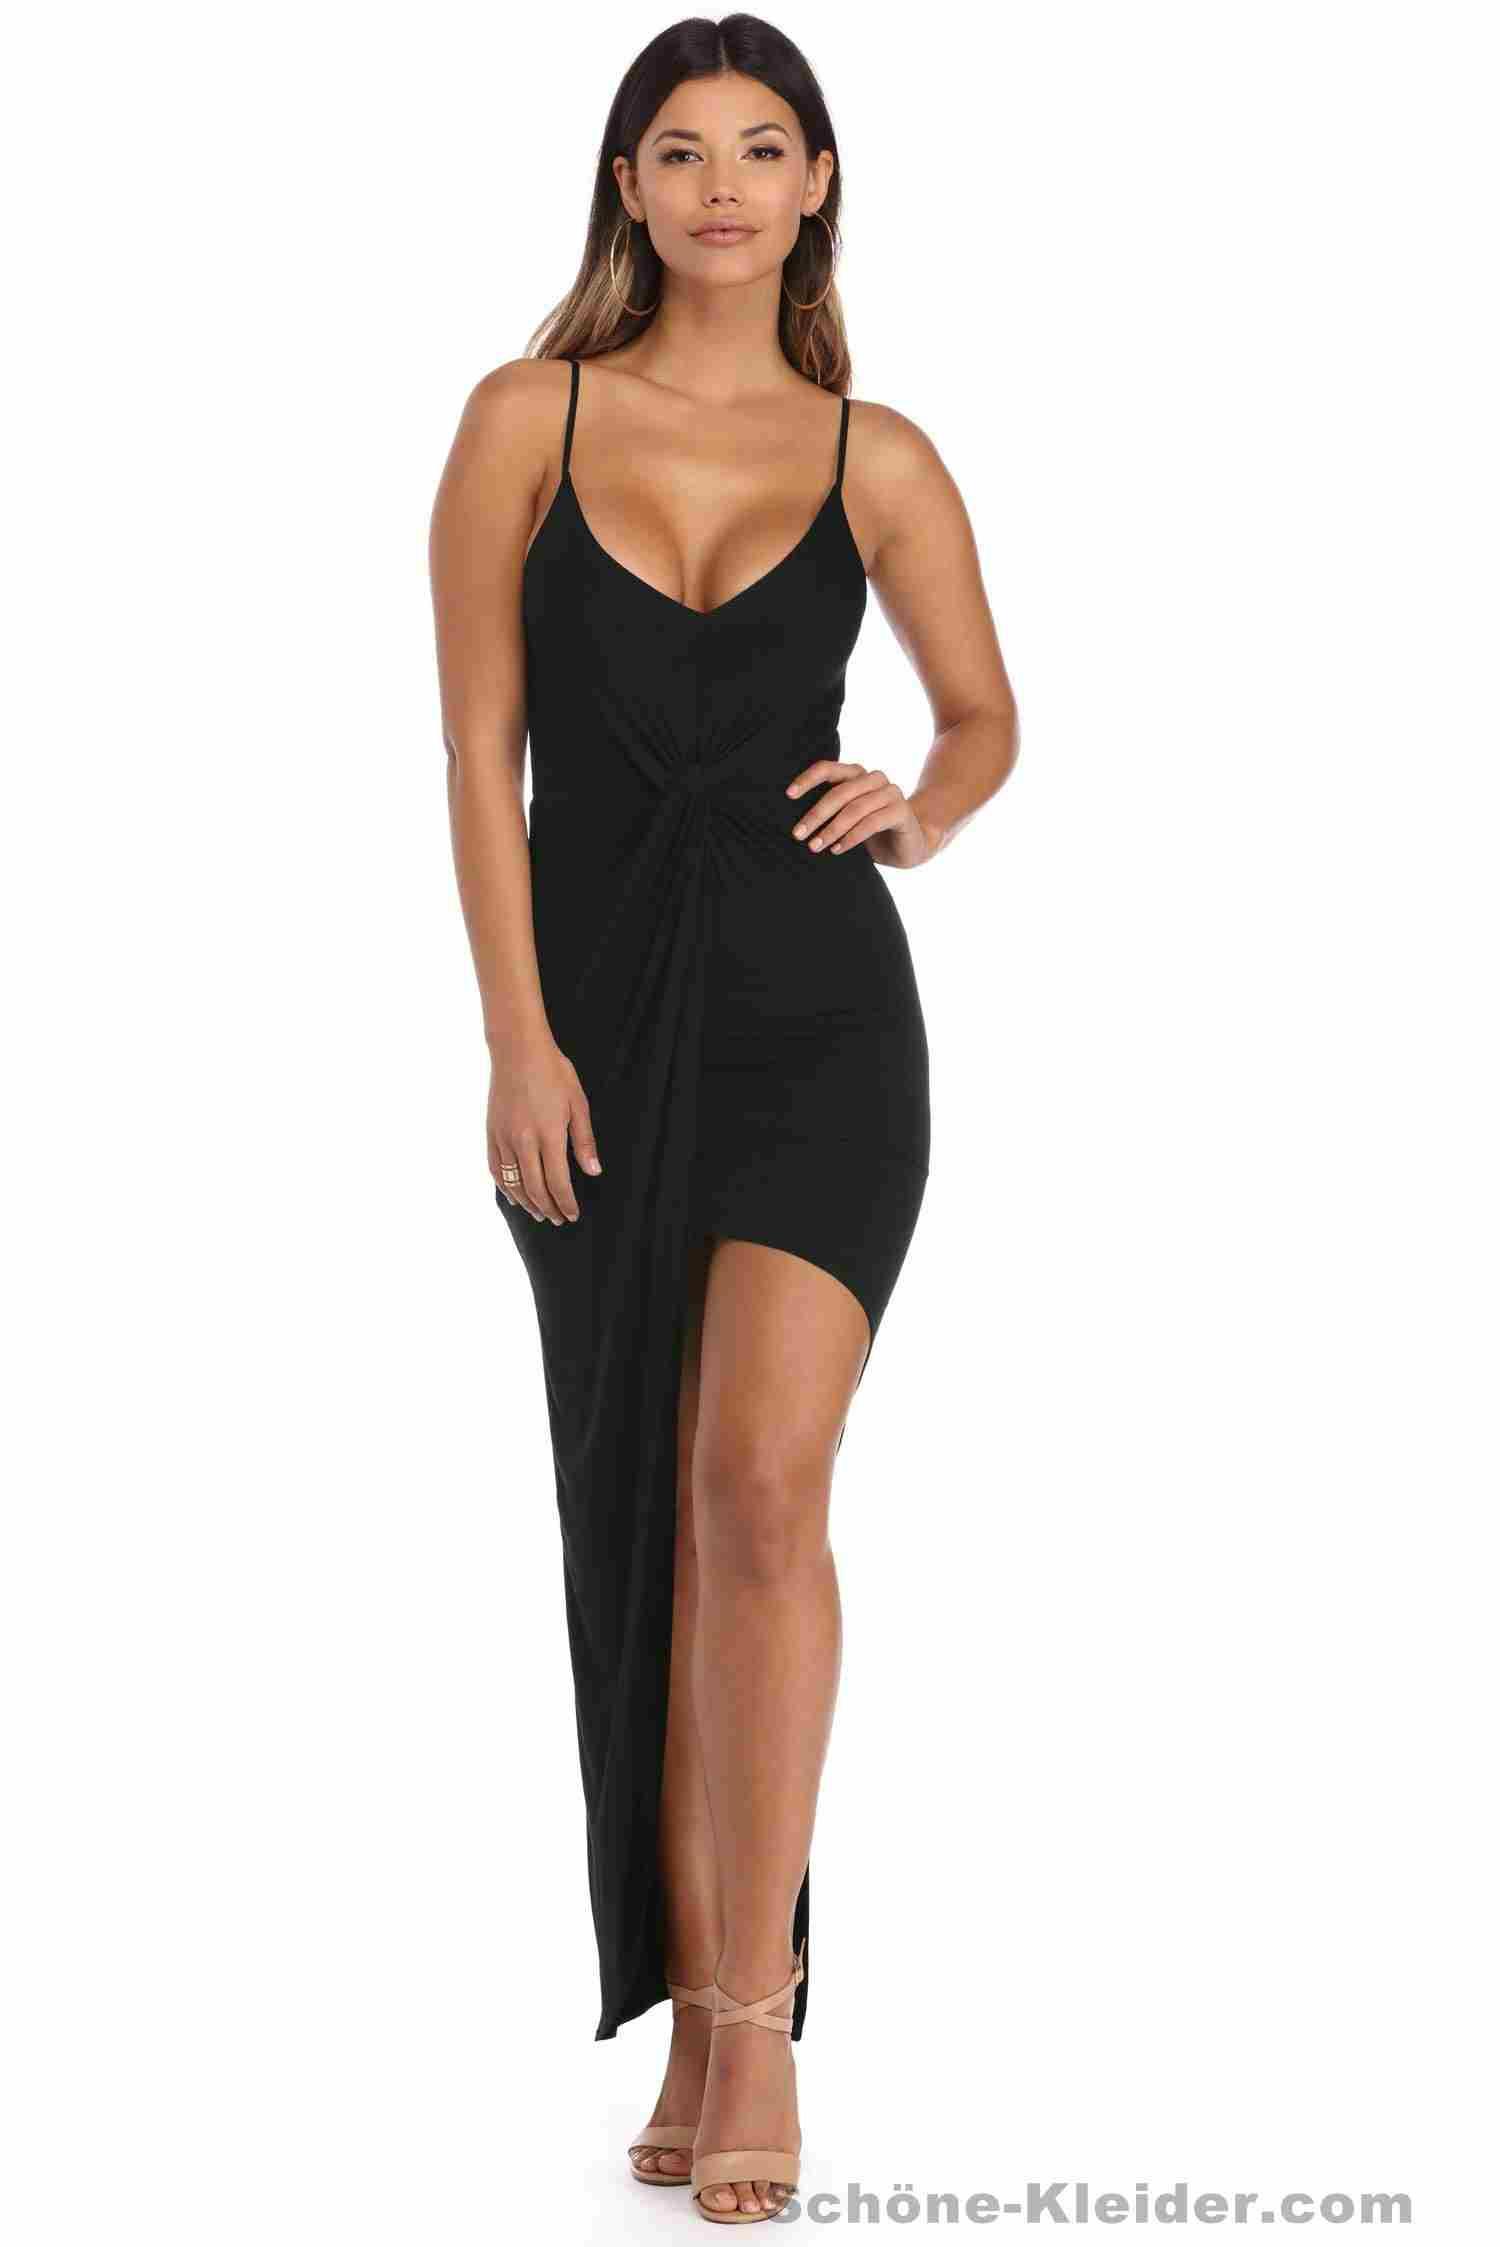 13 Schön Schöne Schwarze Kleider Boutique17 Luxurius Schöne Schwarze Kleider Spezialgebiet